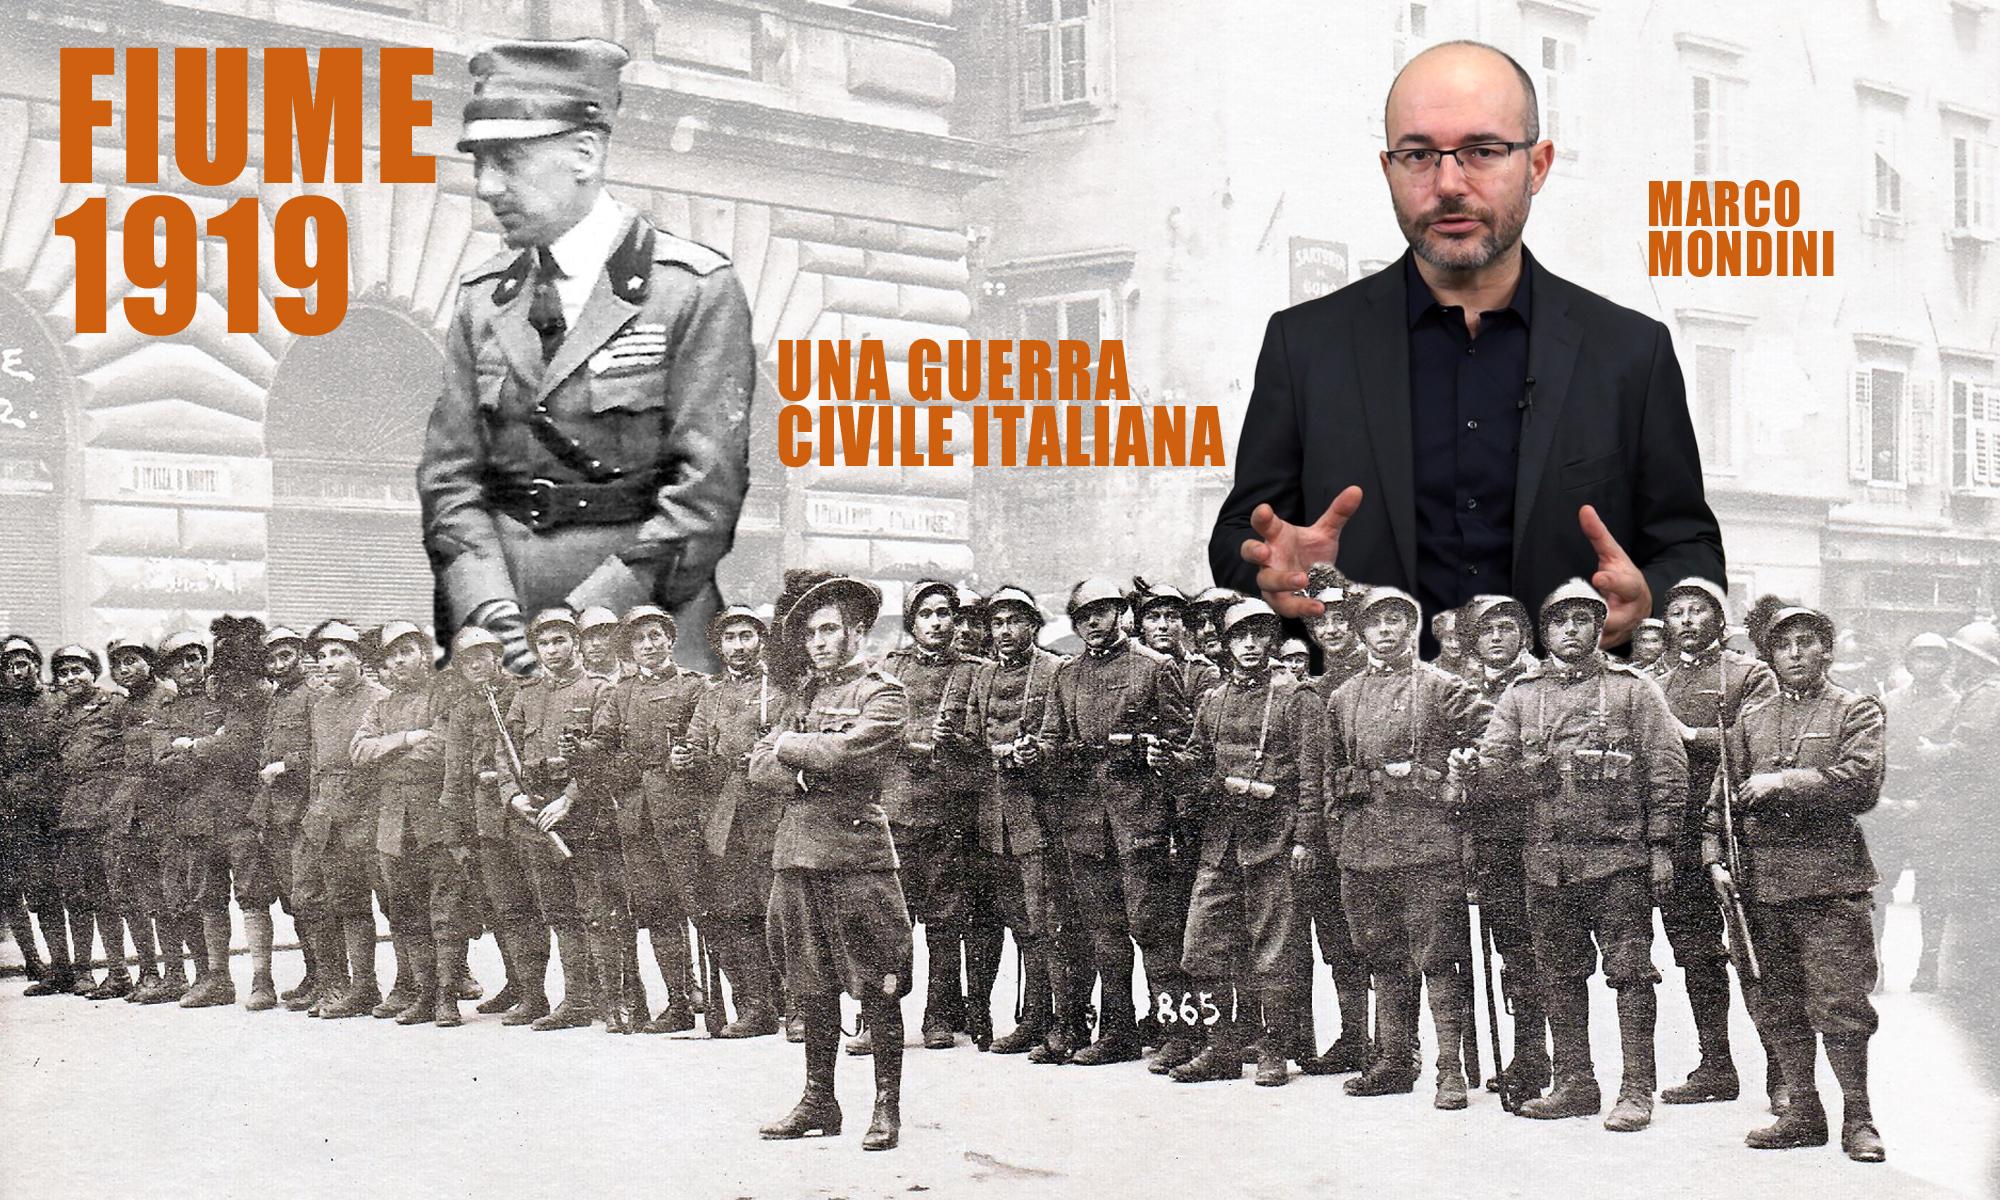 Fiume 1919, la guerra civile italiana